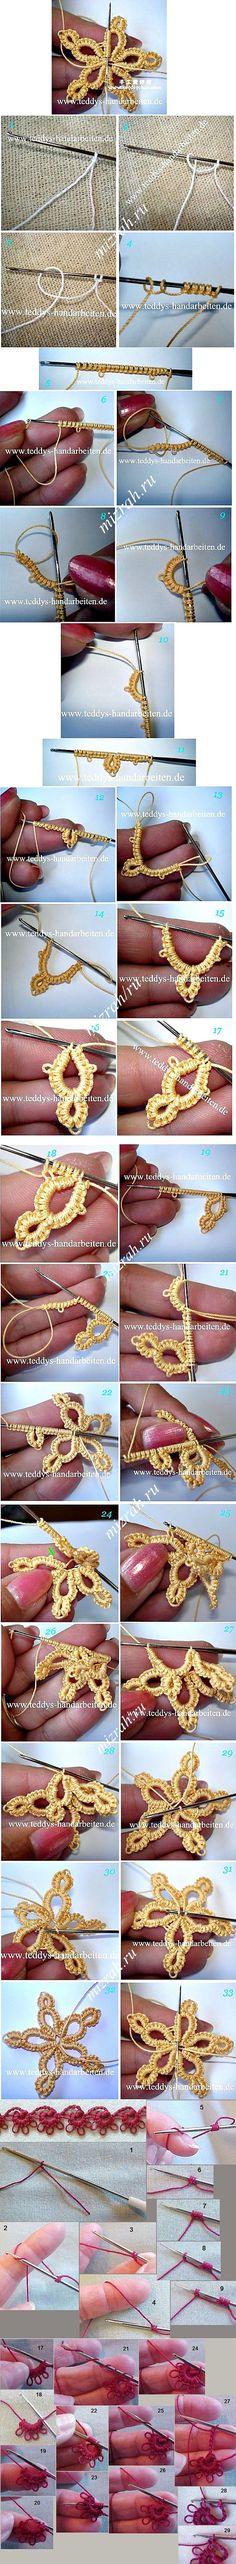 Форум Рукодельница - вышивка крестиком, вязание, рукоделие • Просмотр темы - Фриволите крючком - Мастер классы | Ирландское кружево. | Постила